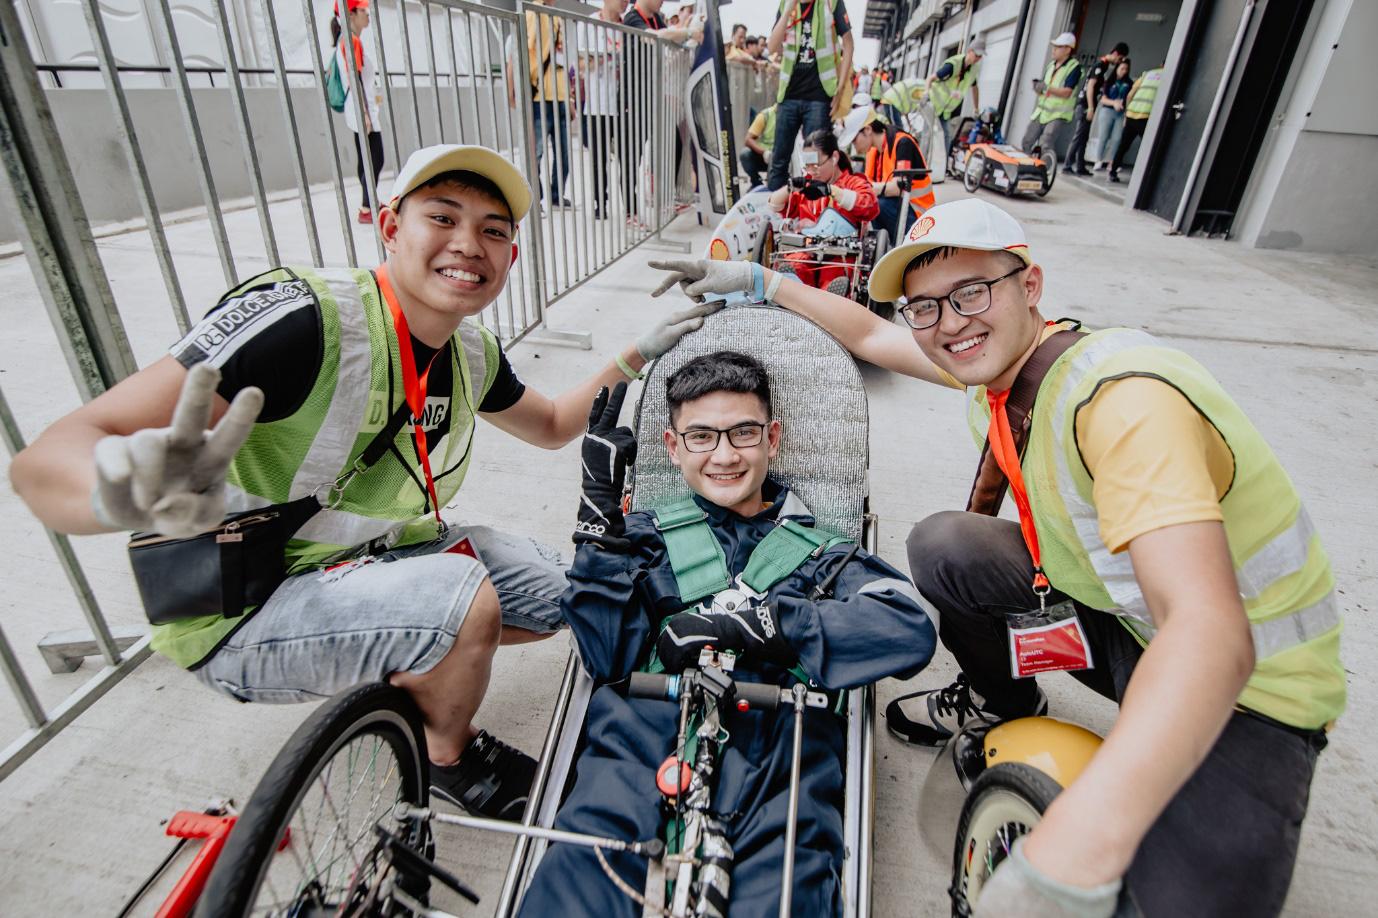 Những người trẻ Việt đam mê chế tạo ô tô ngày ấy và bây giờ: Hào quang dẫn lối hành trình chinh phục thế giới - Ảnh 8.